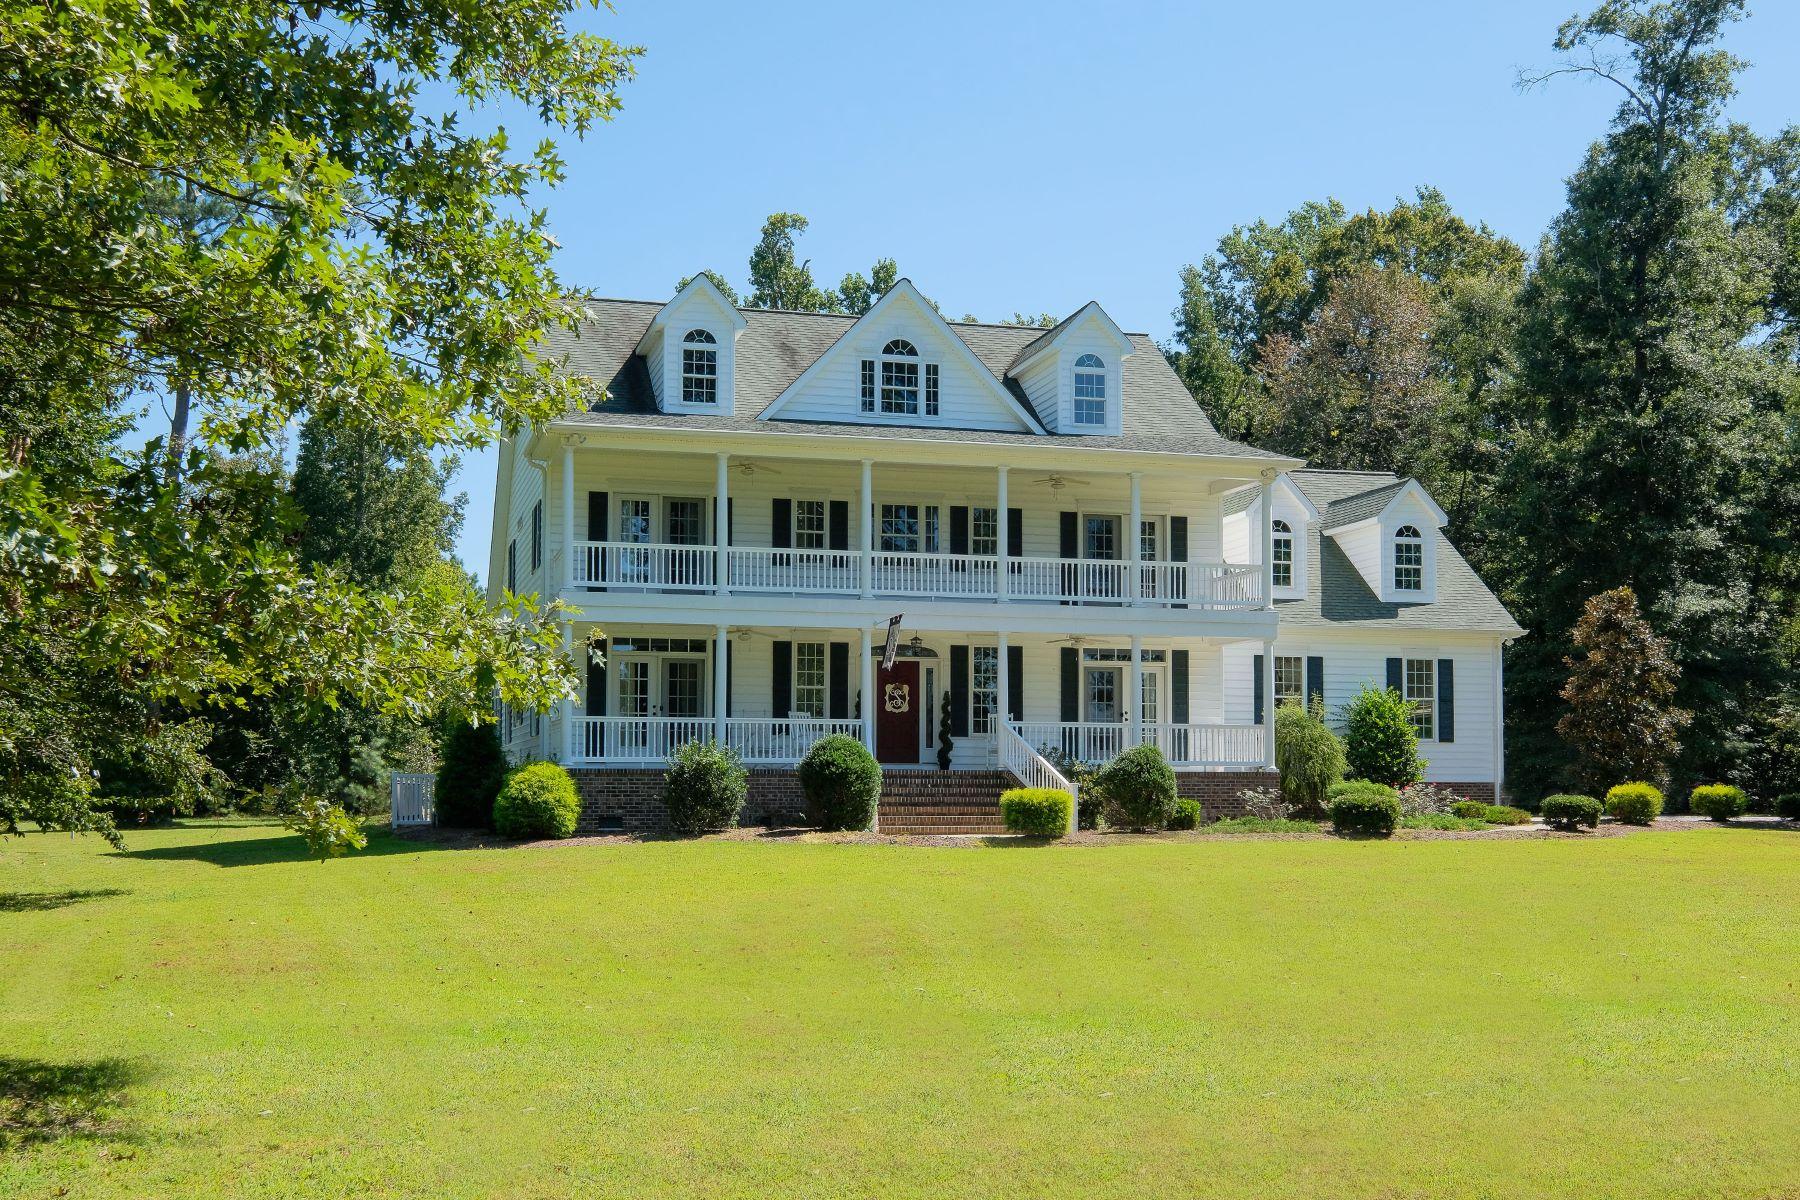 Maison unifamiliale pour l Vente à STUNNING CUSTOM HOME 229 Bay Pt Dr Edenton, Carolina Du Nord 27932 États-Unis